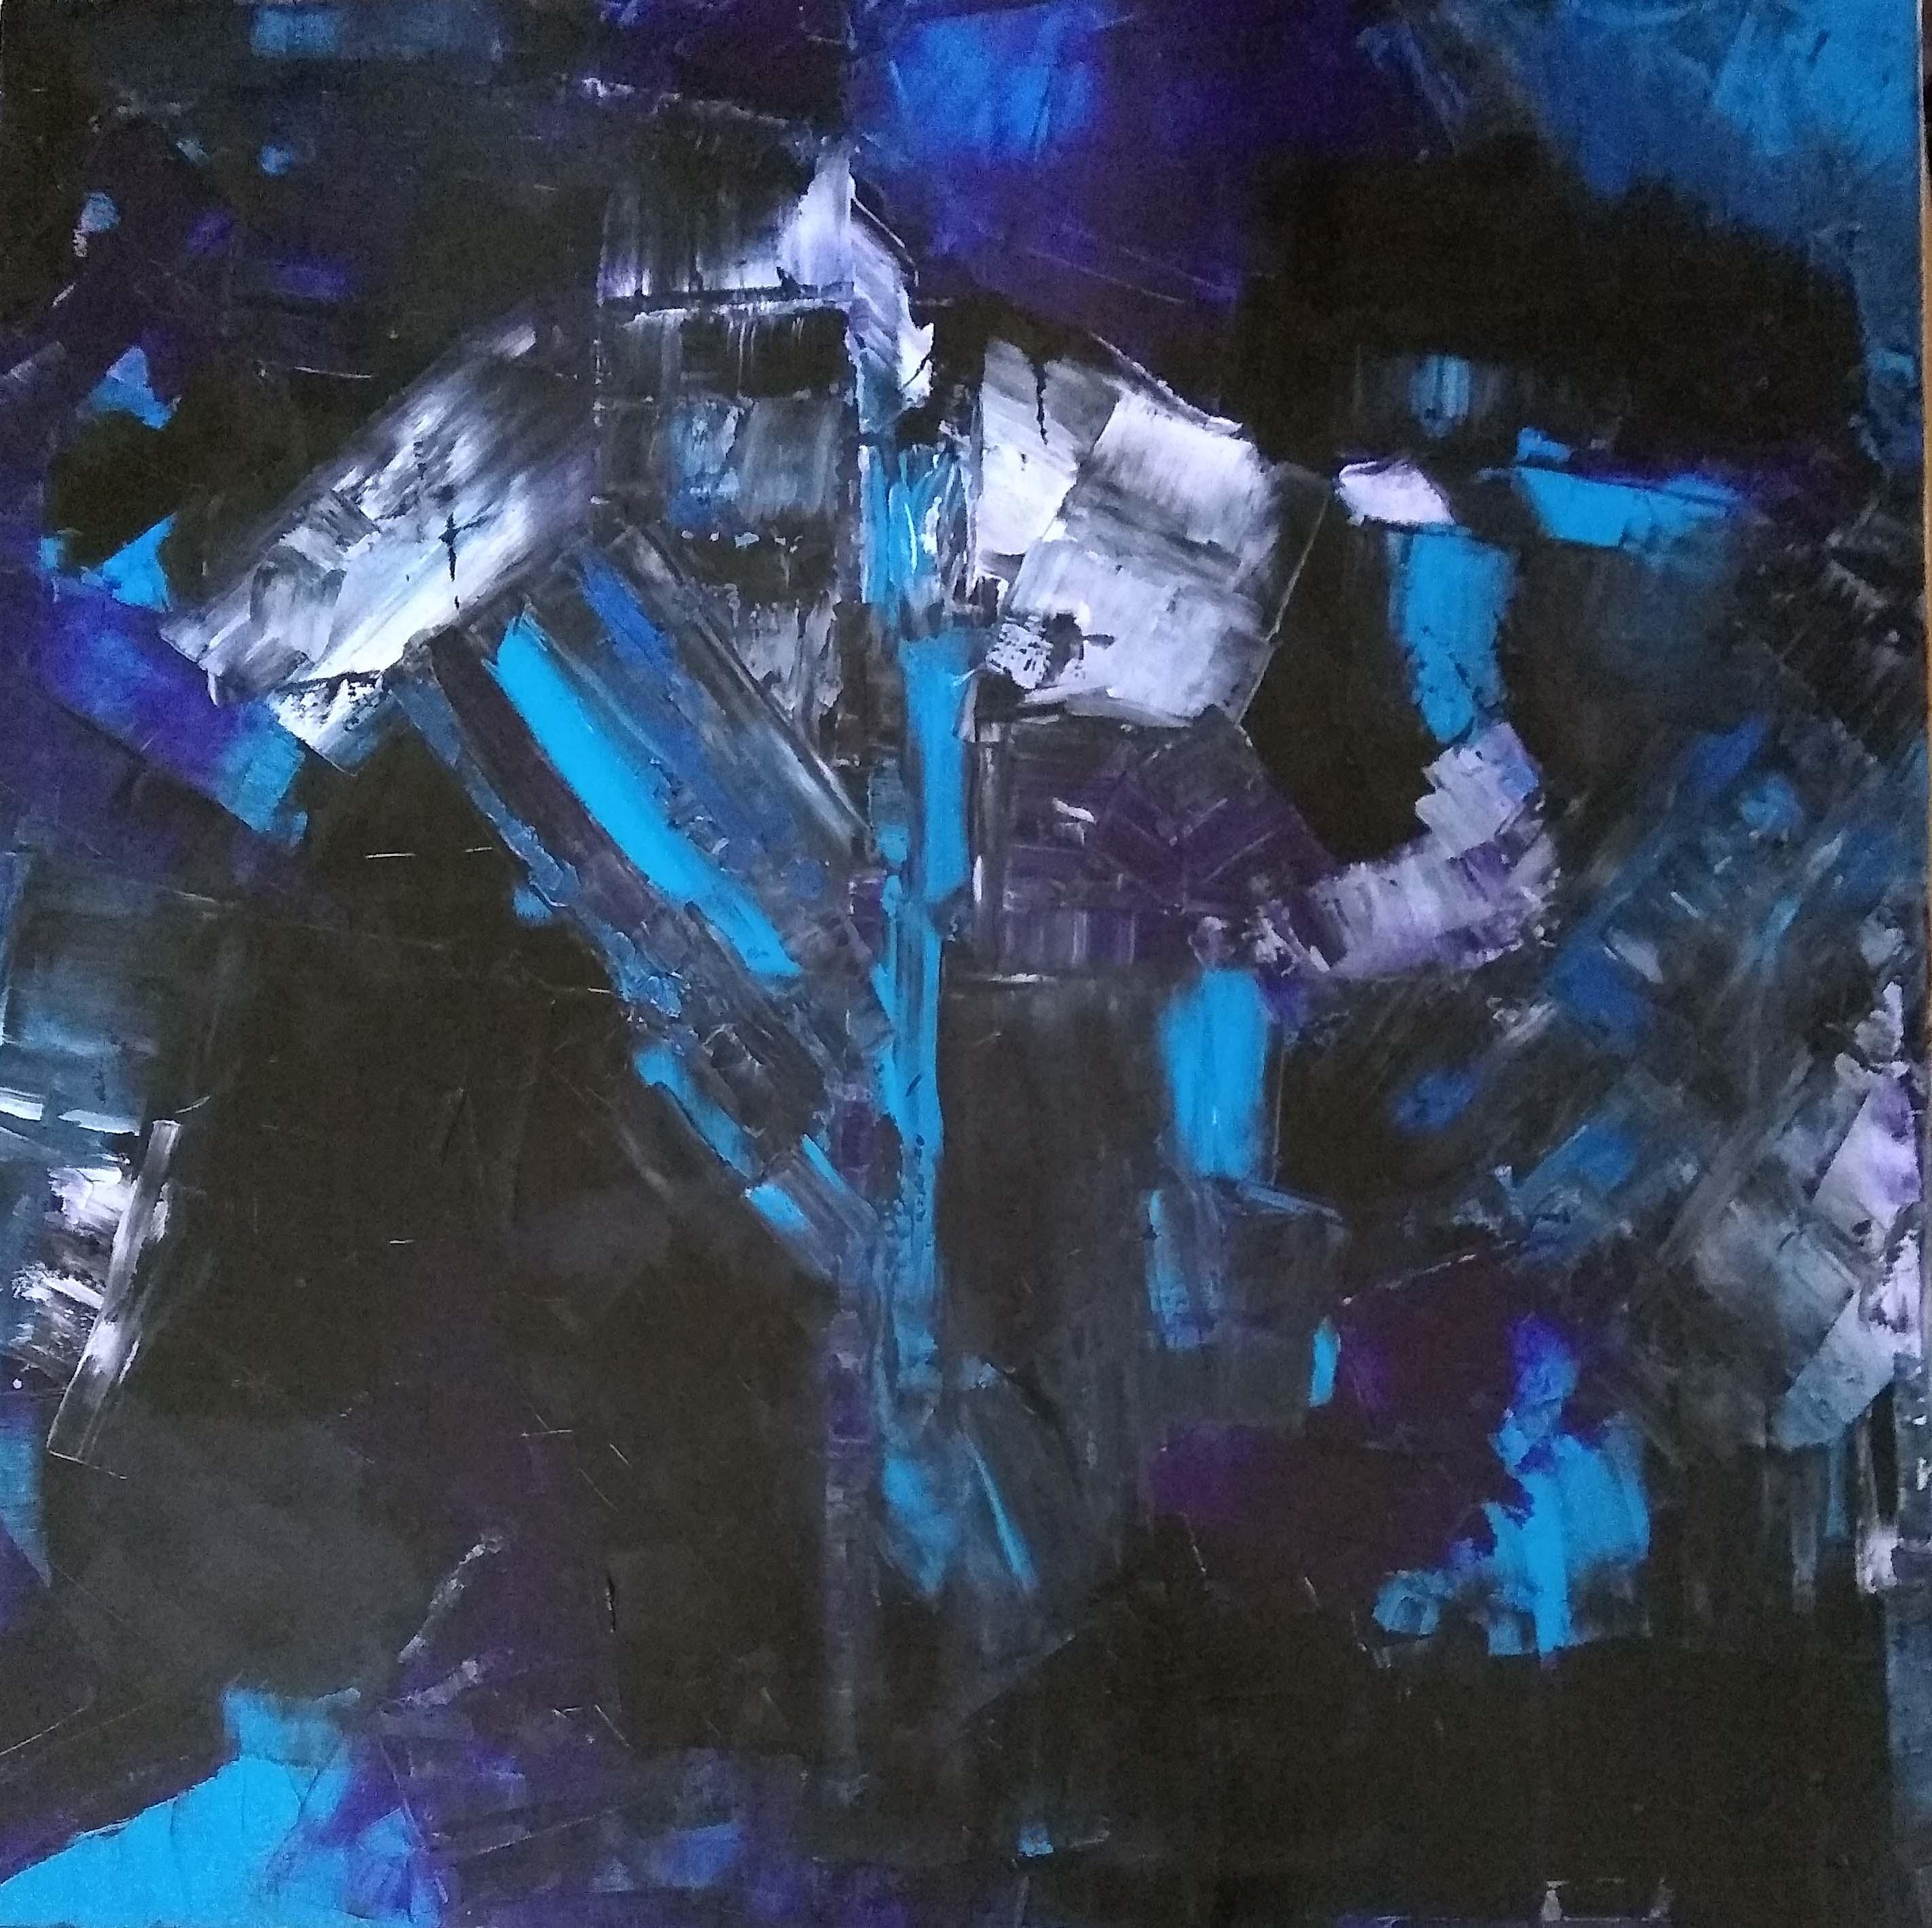 Bruised Black, Blue, Purple